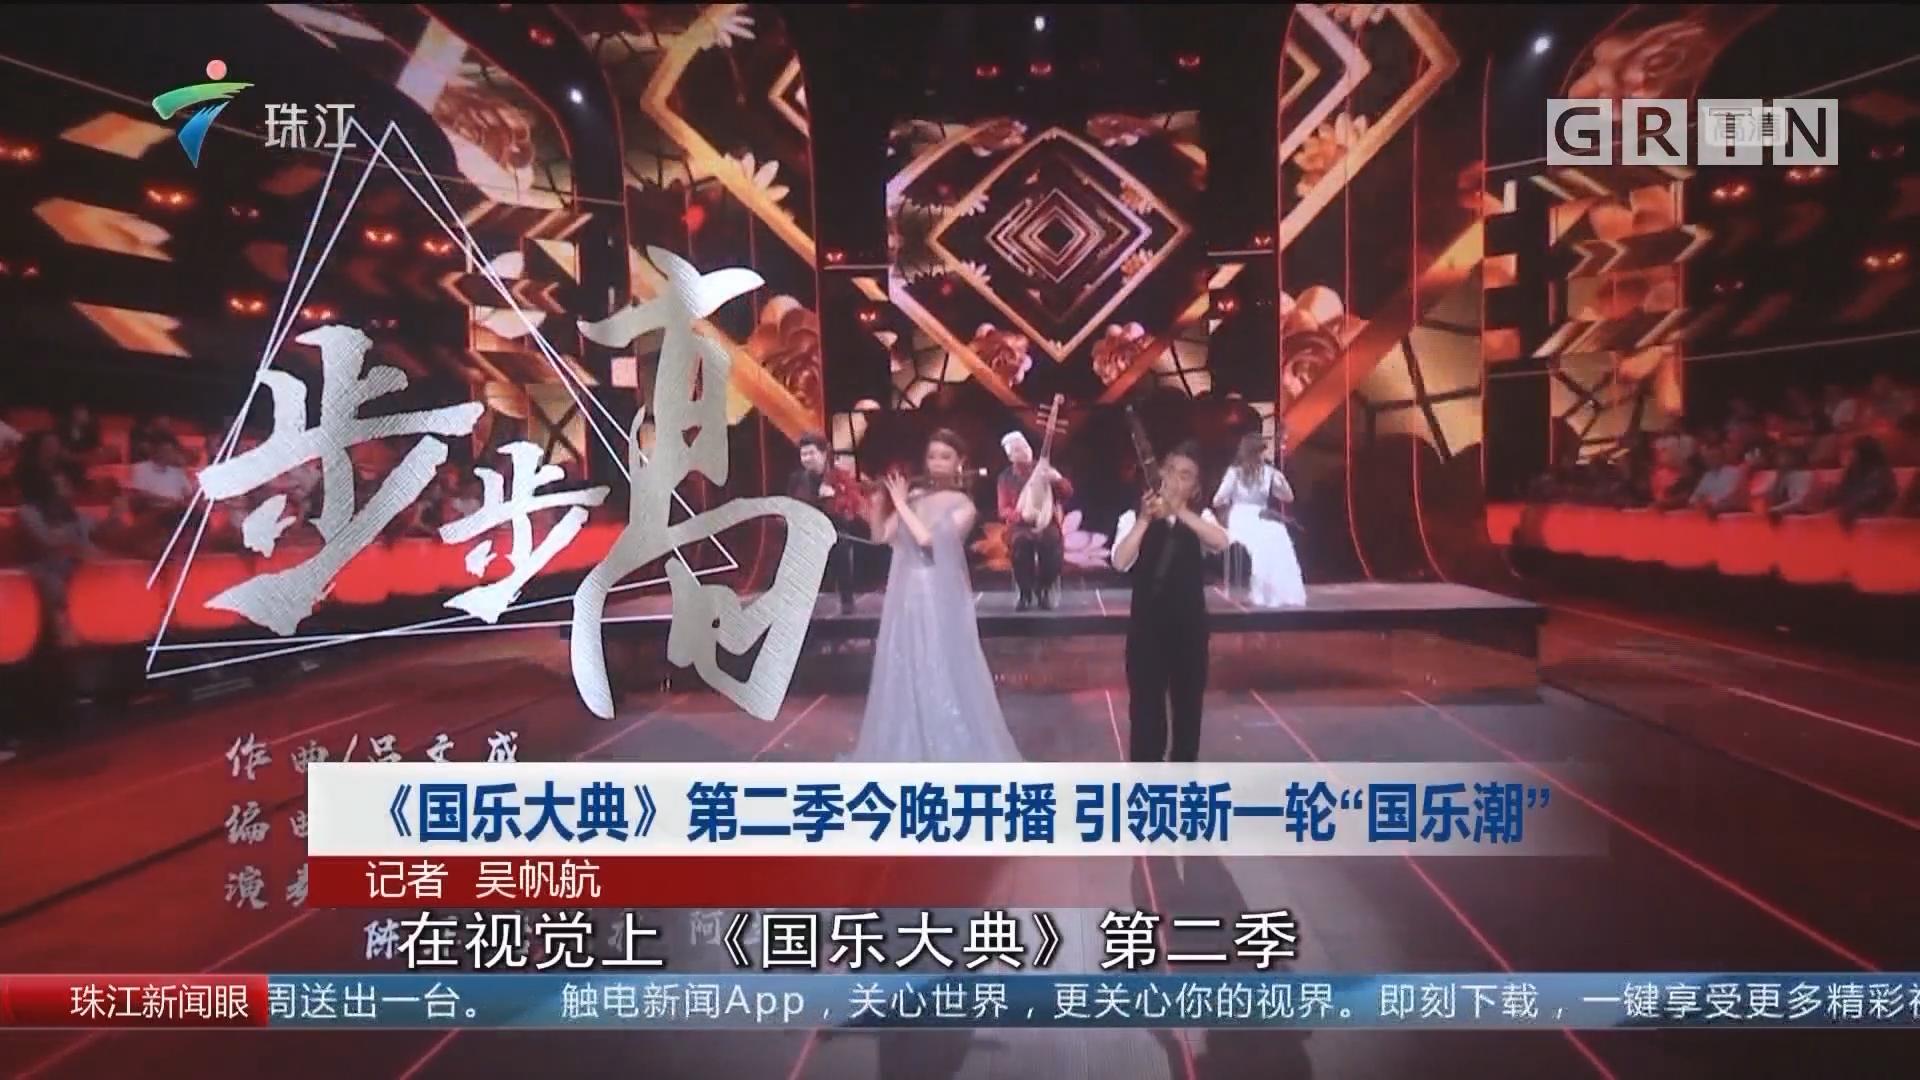 """《國樂大典》第二季今晚開播 引領新一輪""""國樂潮"""""""